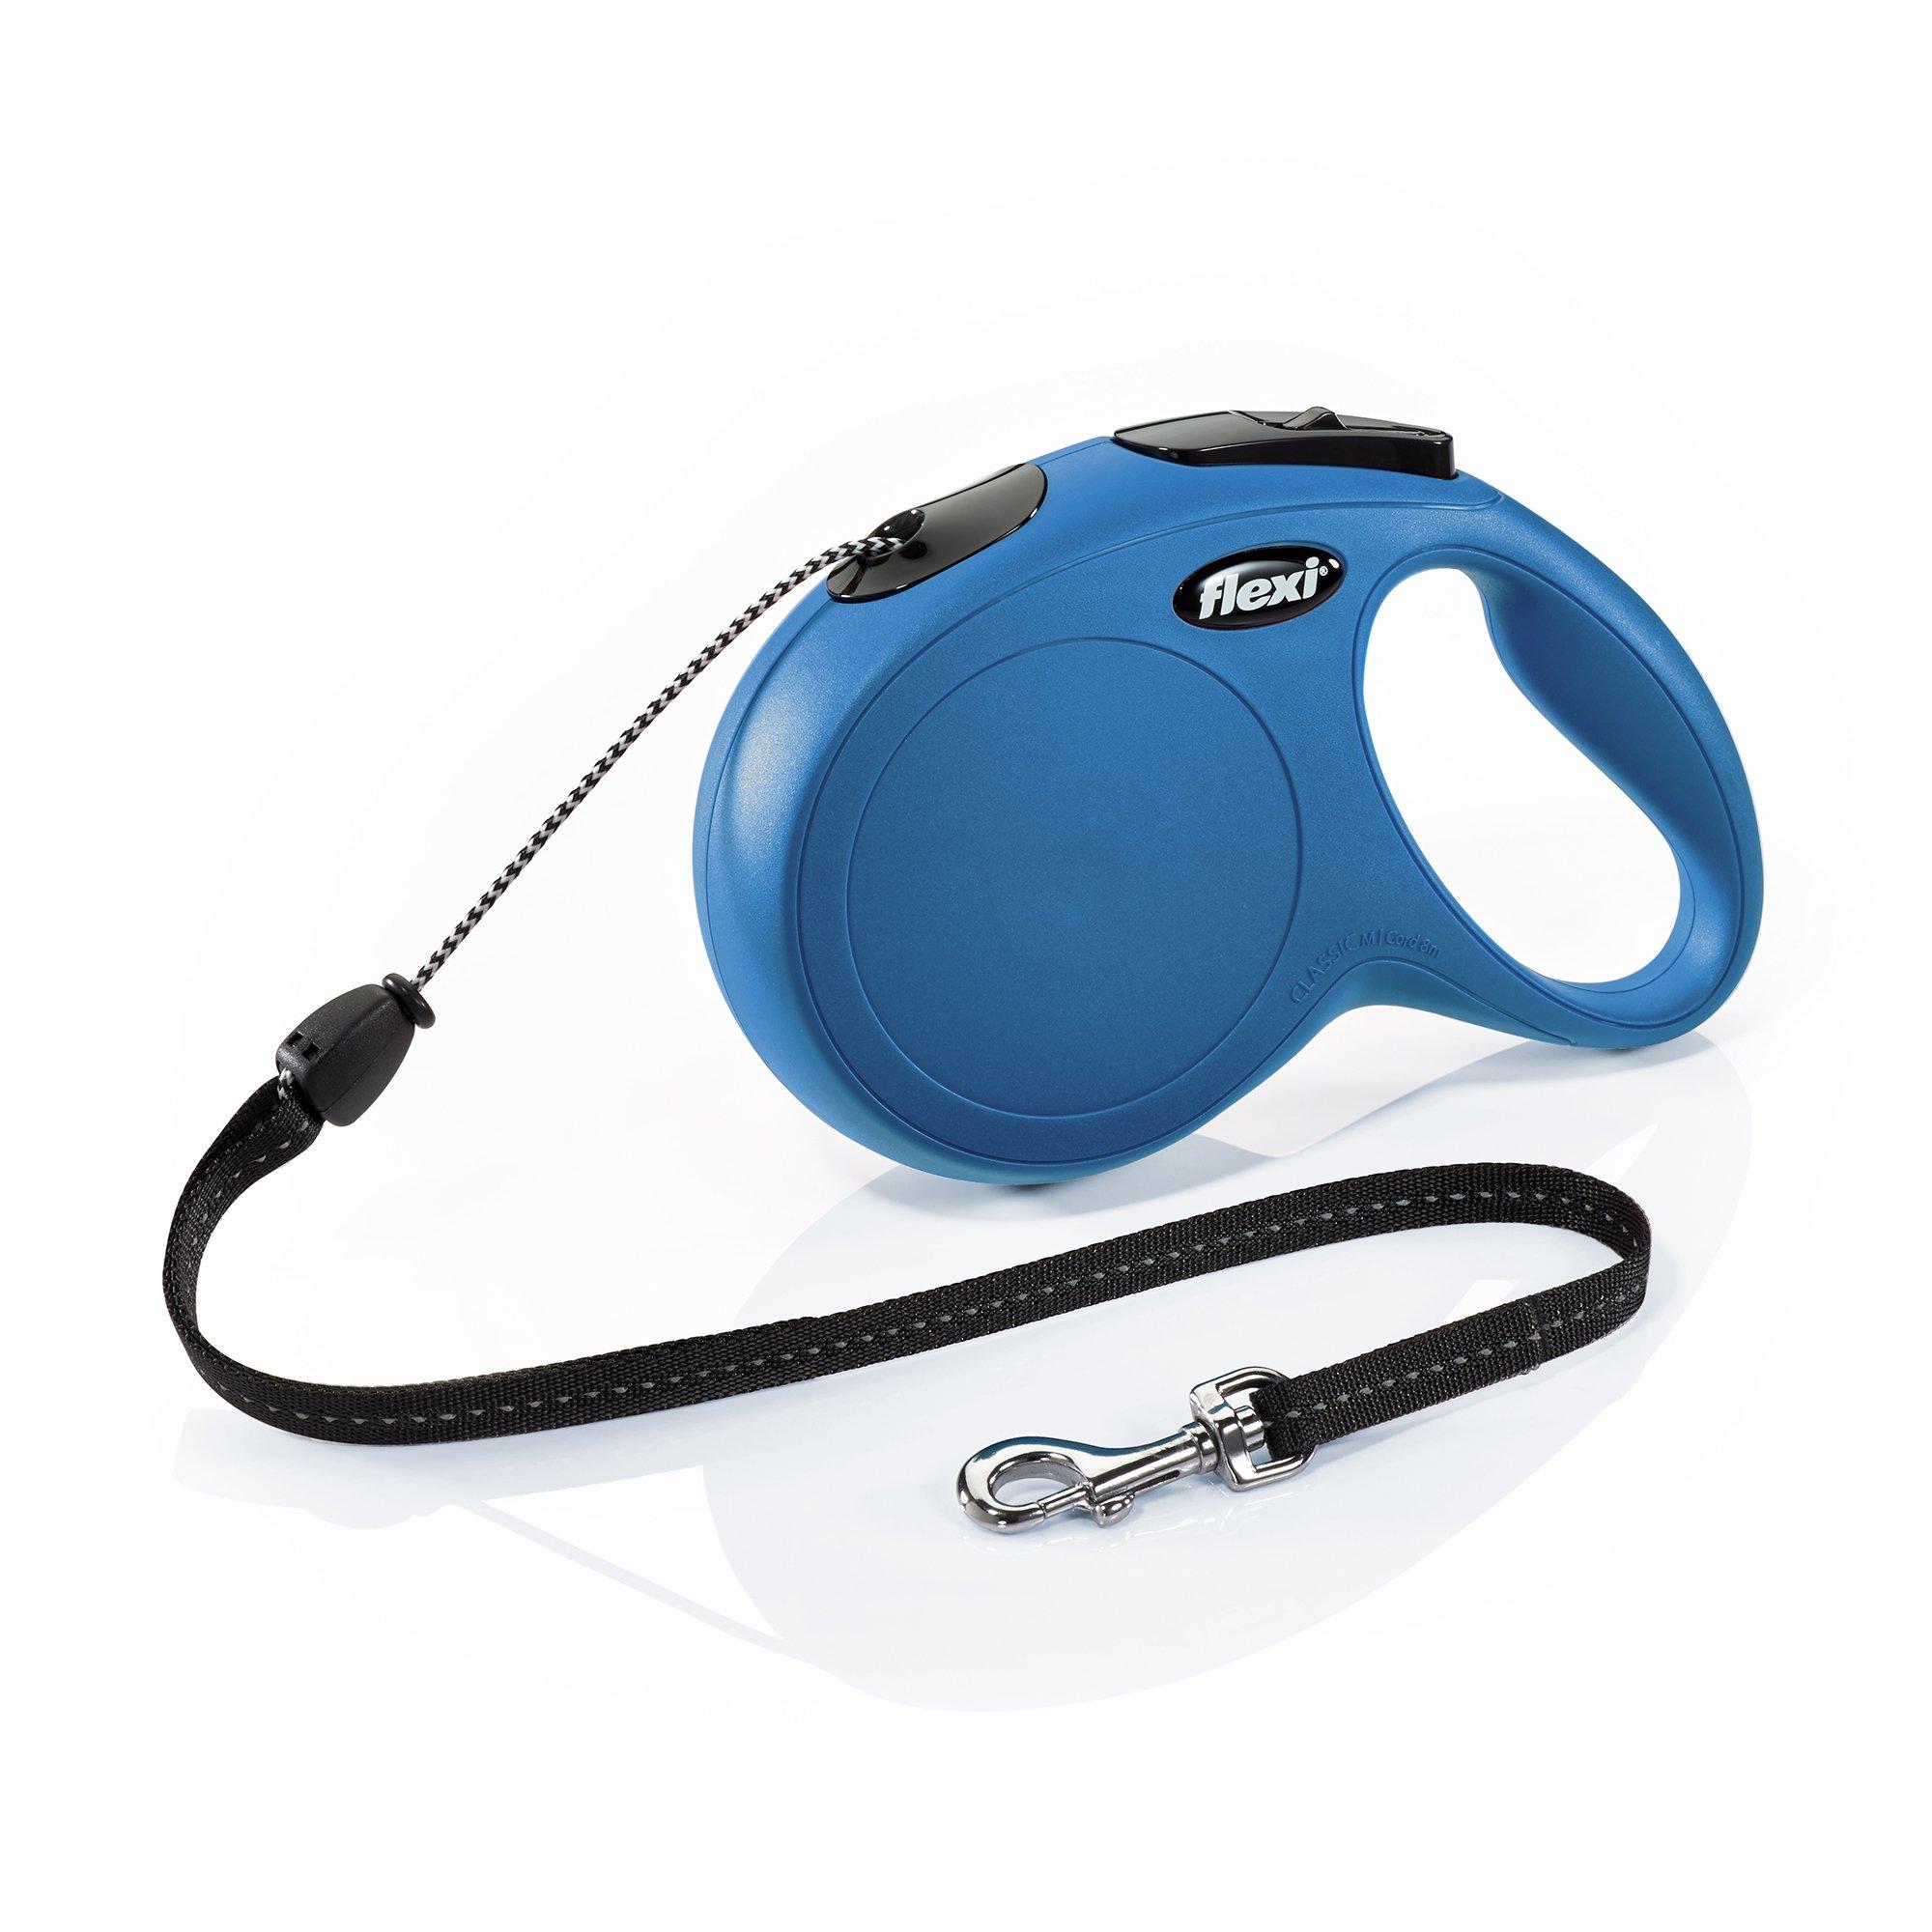 Flexi New Classic Retractable Dog Leash (Cord), 26 ft, Medium, Blue